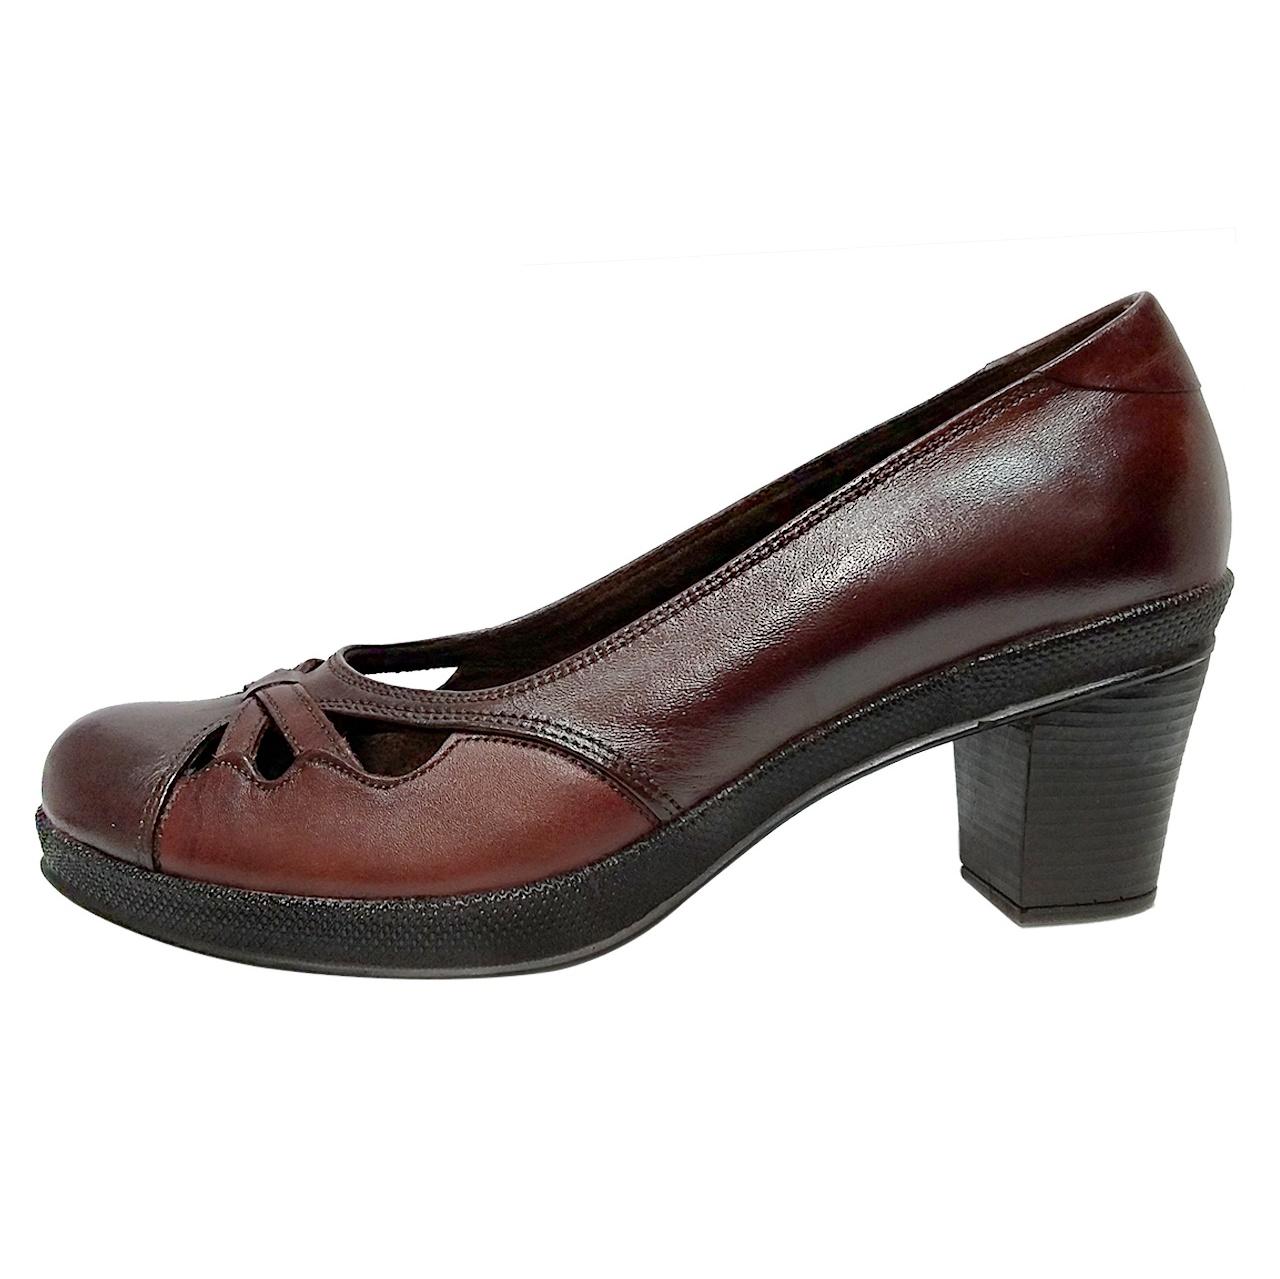 خرید                      کفش زنانه روشن مدل 275 کد 02